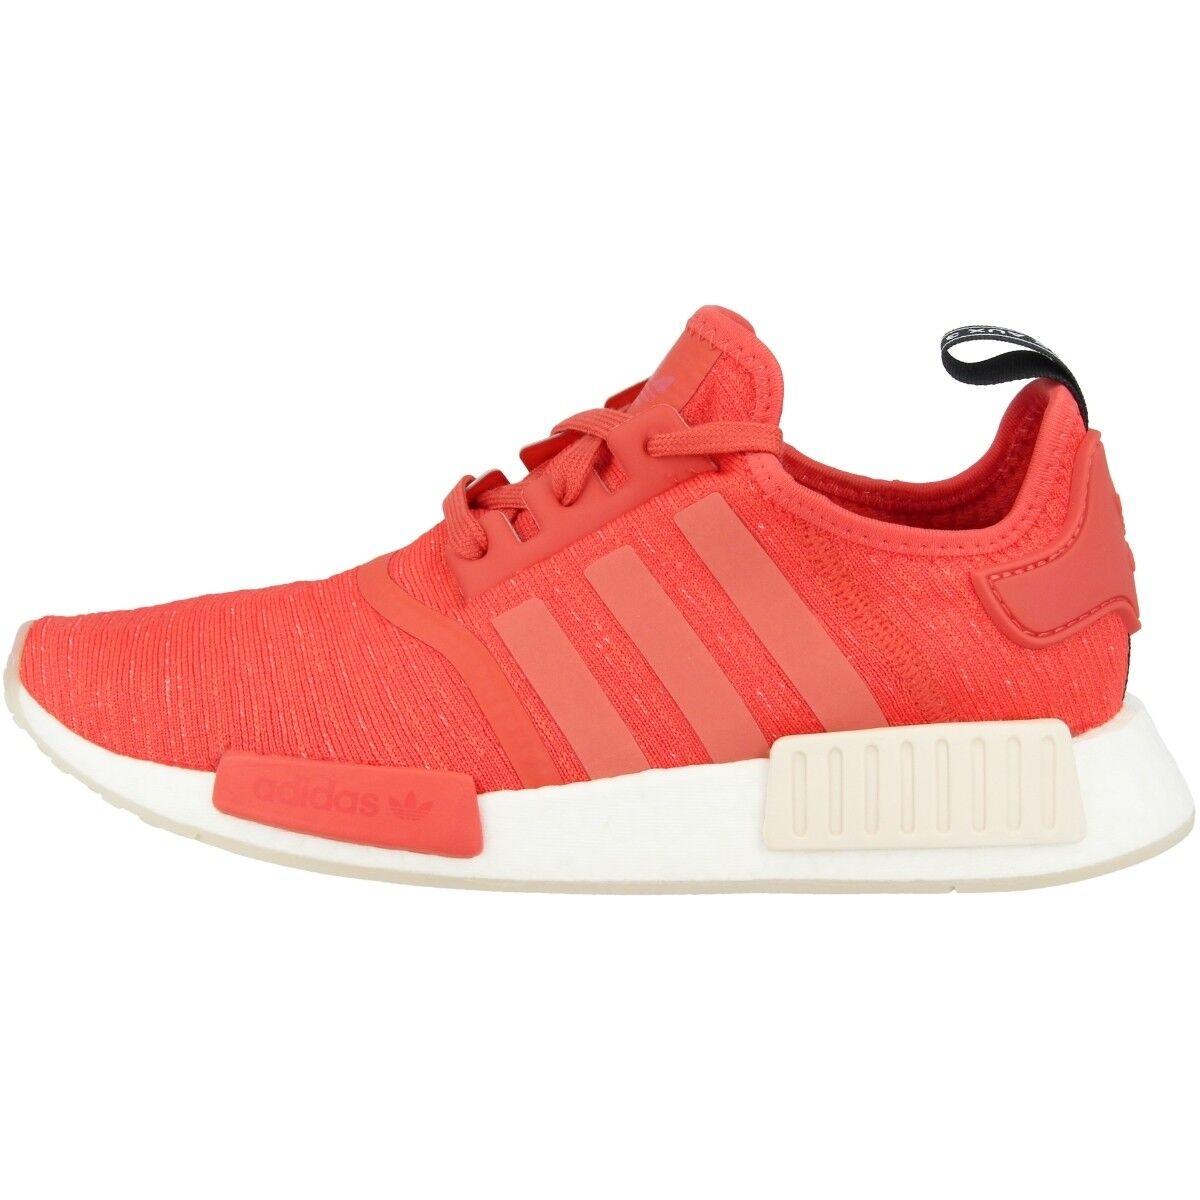 Adidas nmd_r1 Mujer Zapatos trace señora Originals ocio cortos trace Zapatos Scarlet cq2018 7e950f